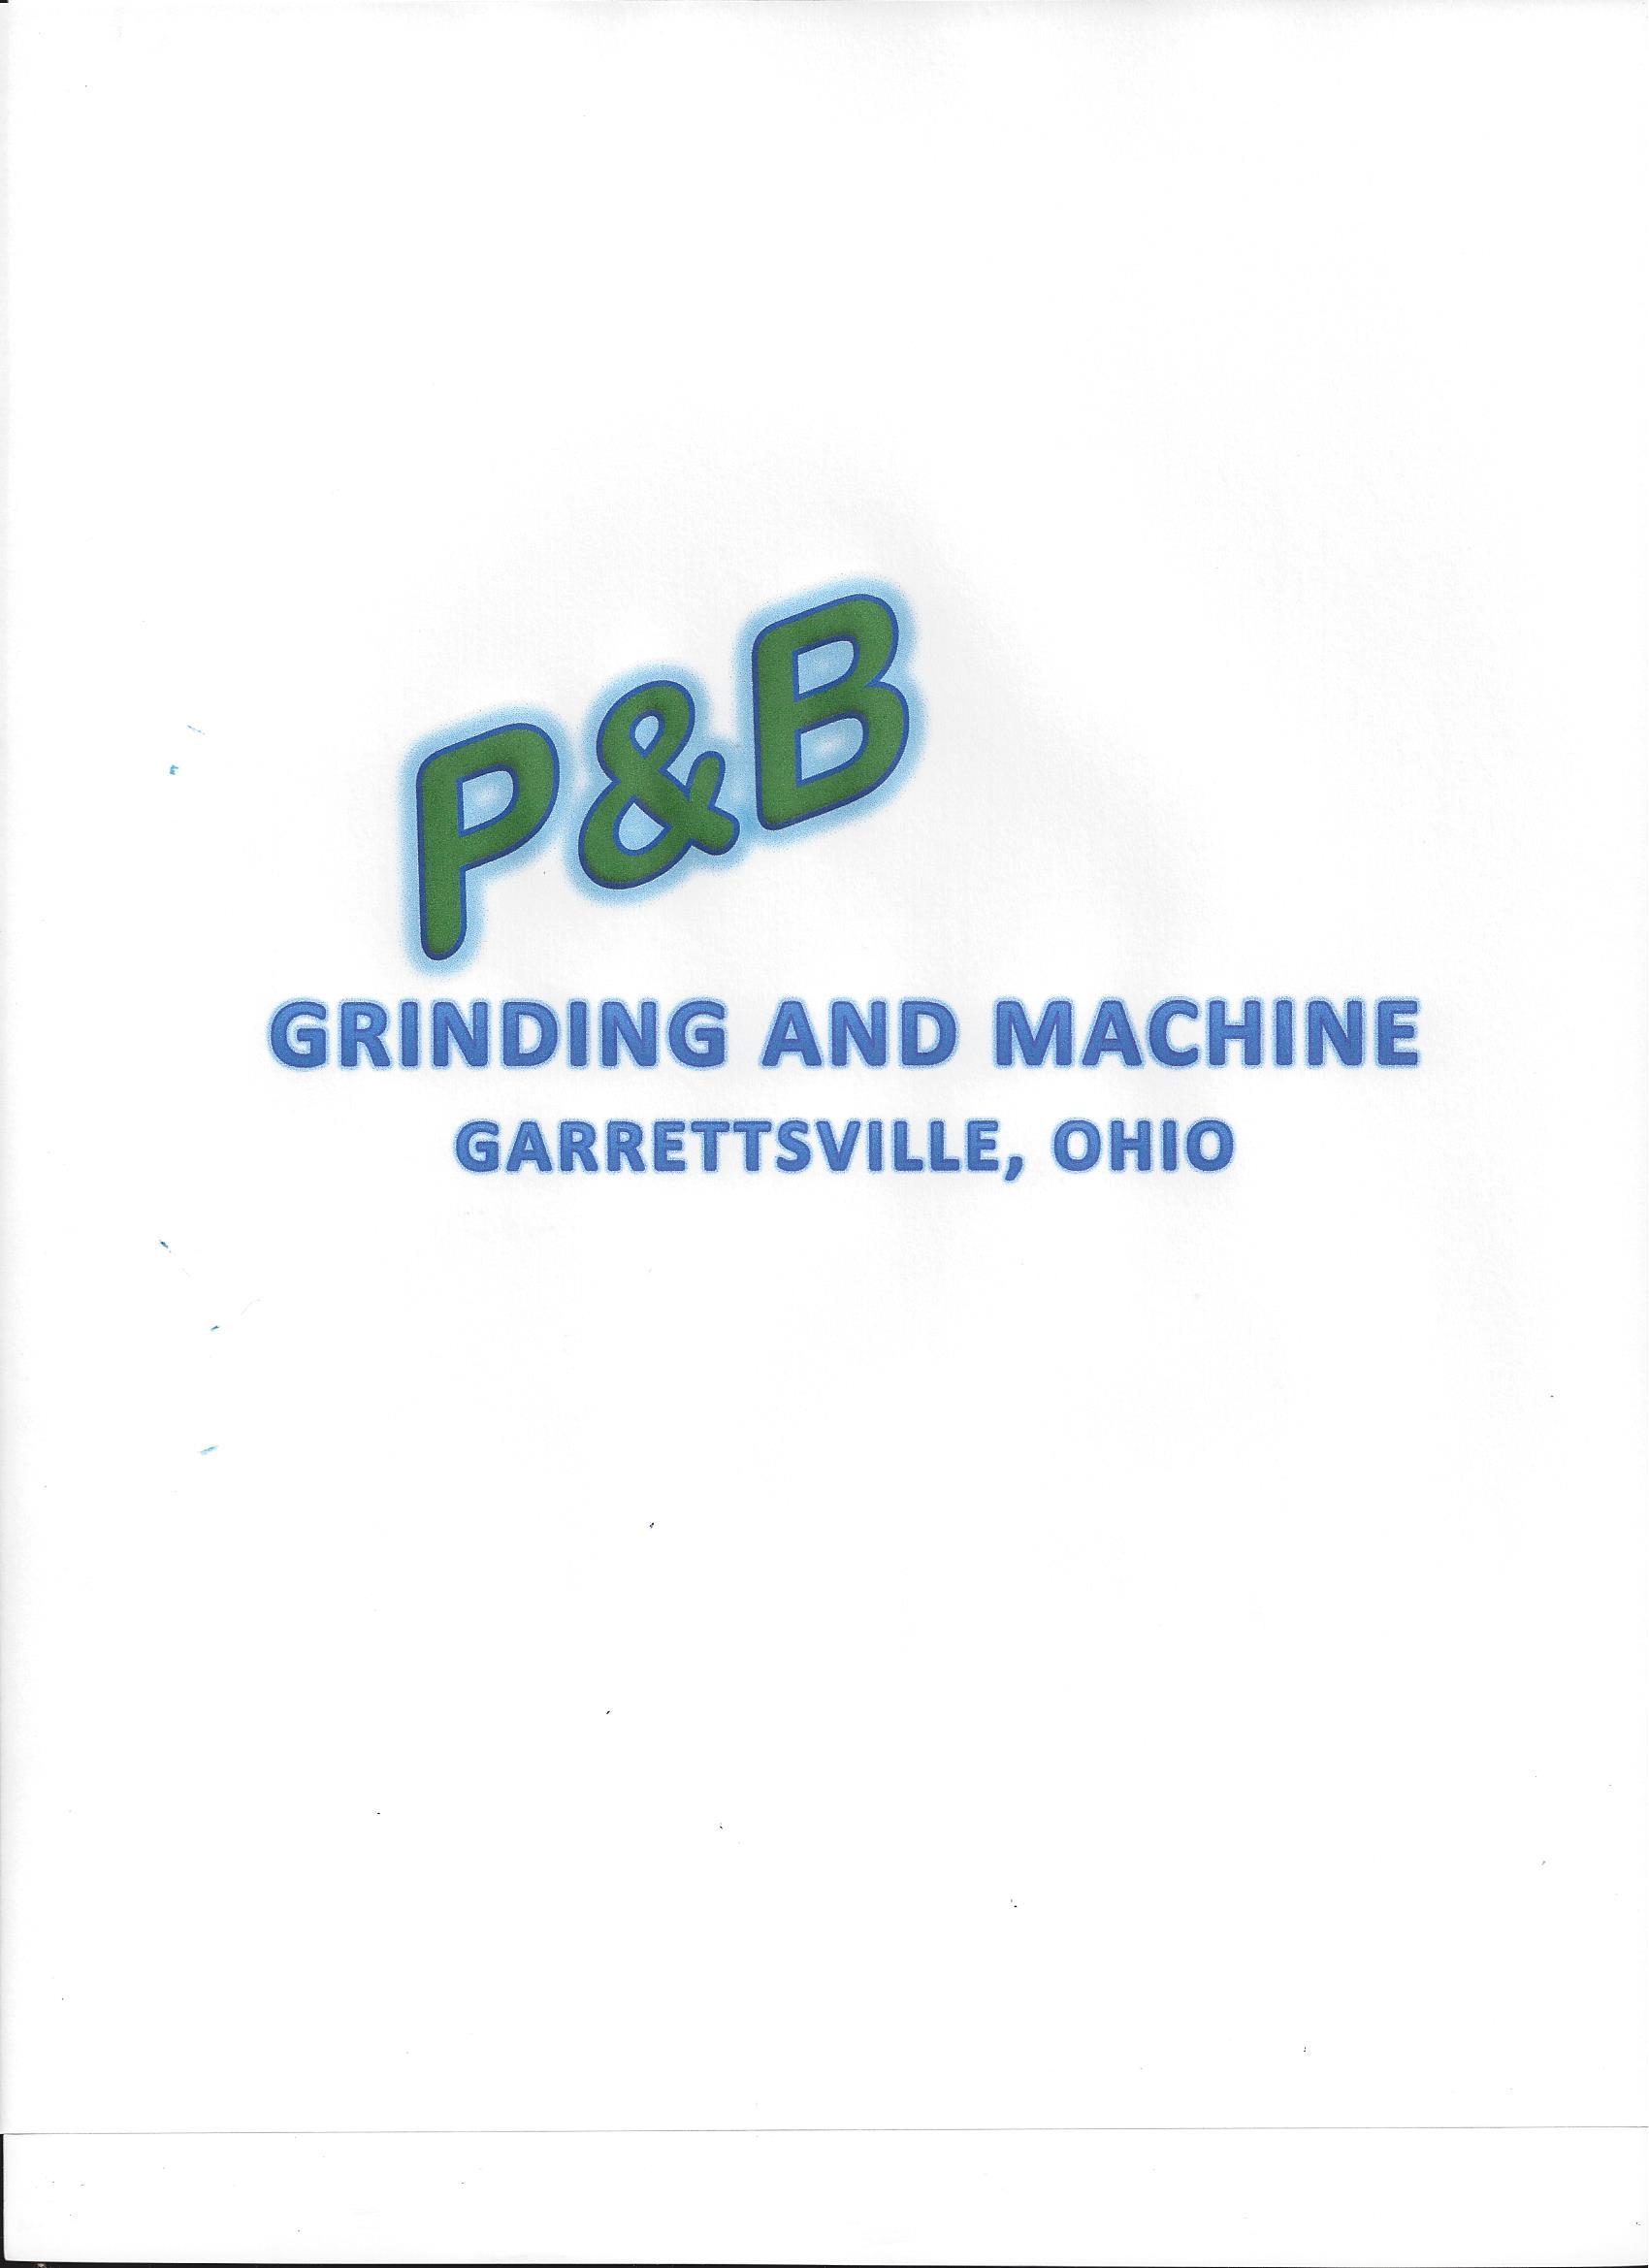 P&B Grinding and Machine, Inc.